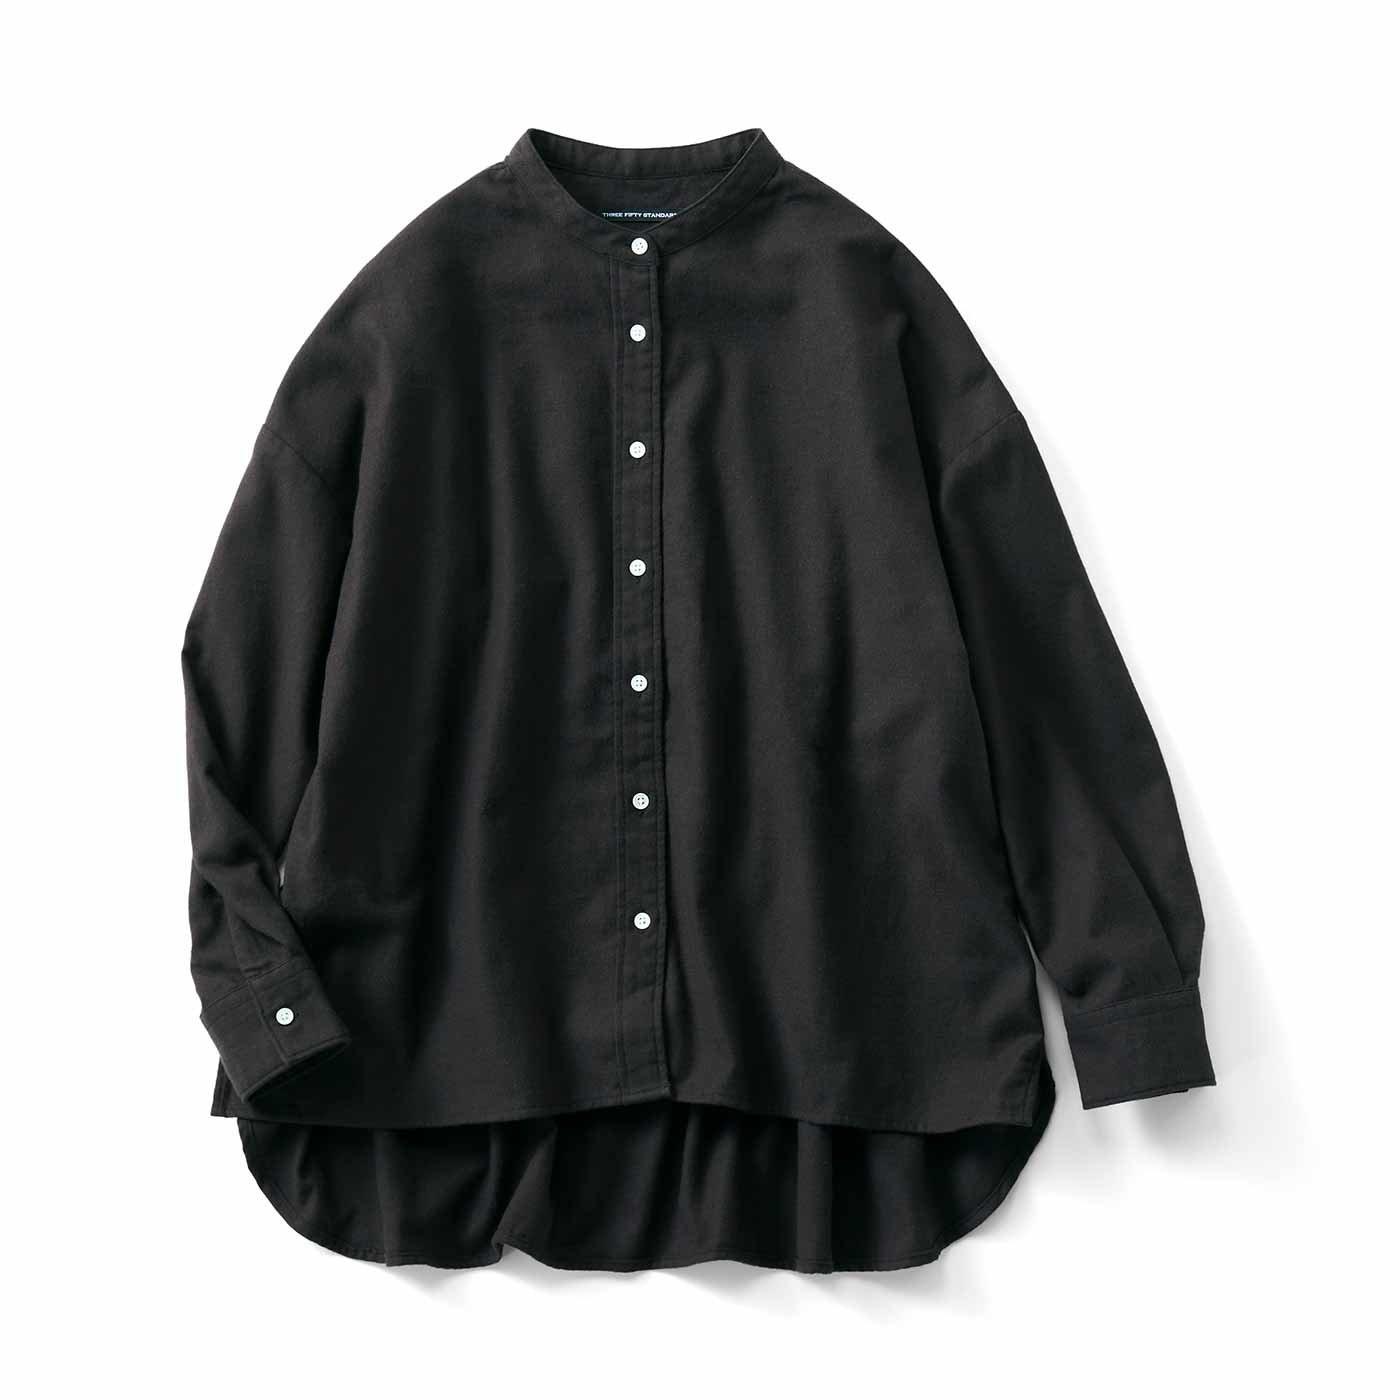 THREE FIFTY STANDARD やわらか起毛のスタンドカラーシャツ〈ブラック〉